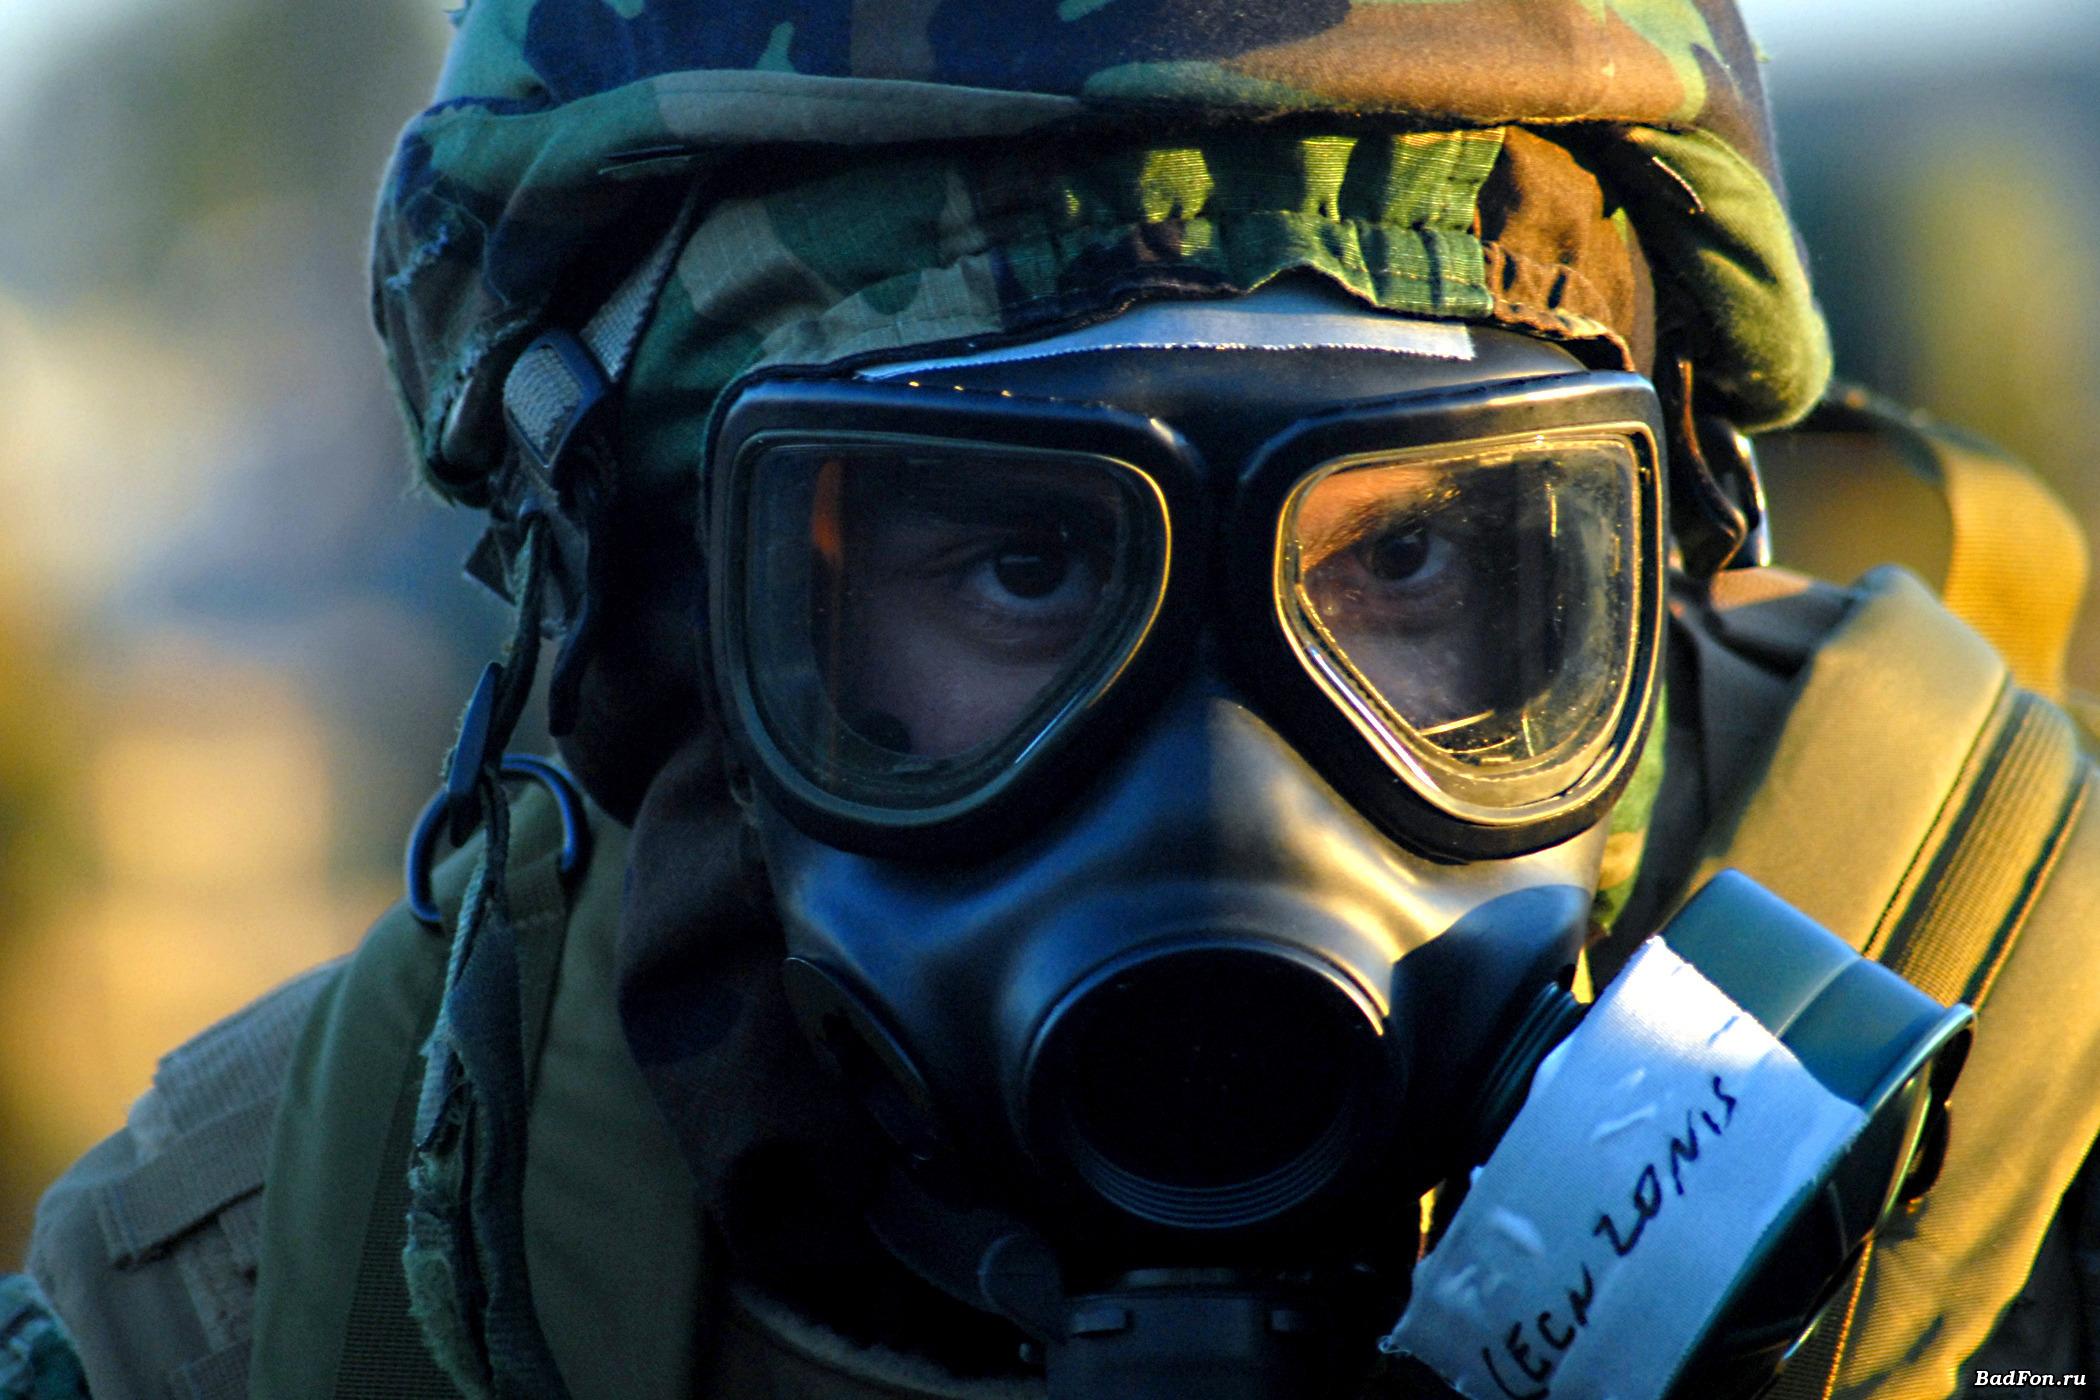 боец в маске, фото, скачать, радиация